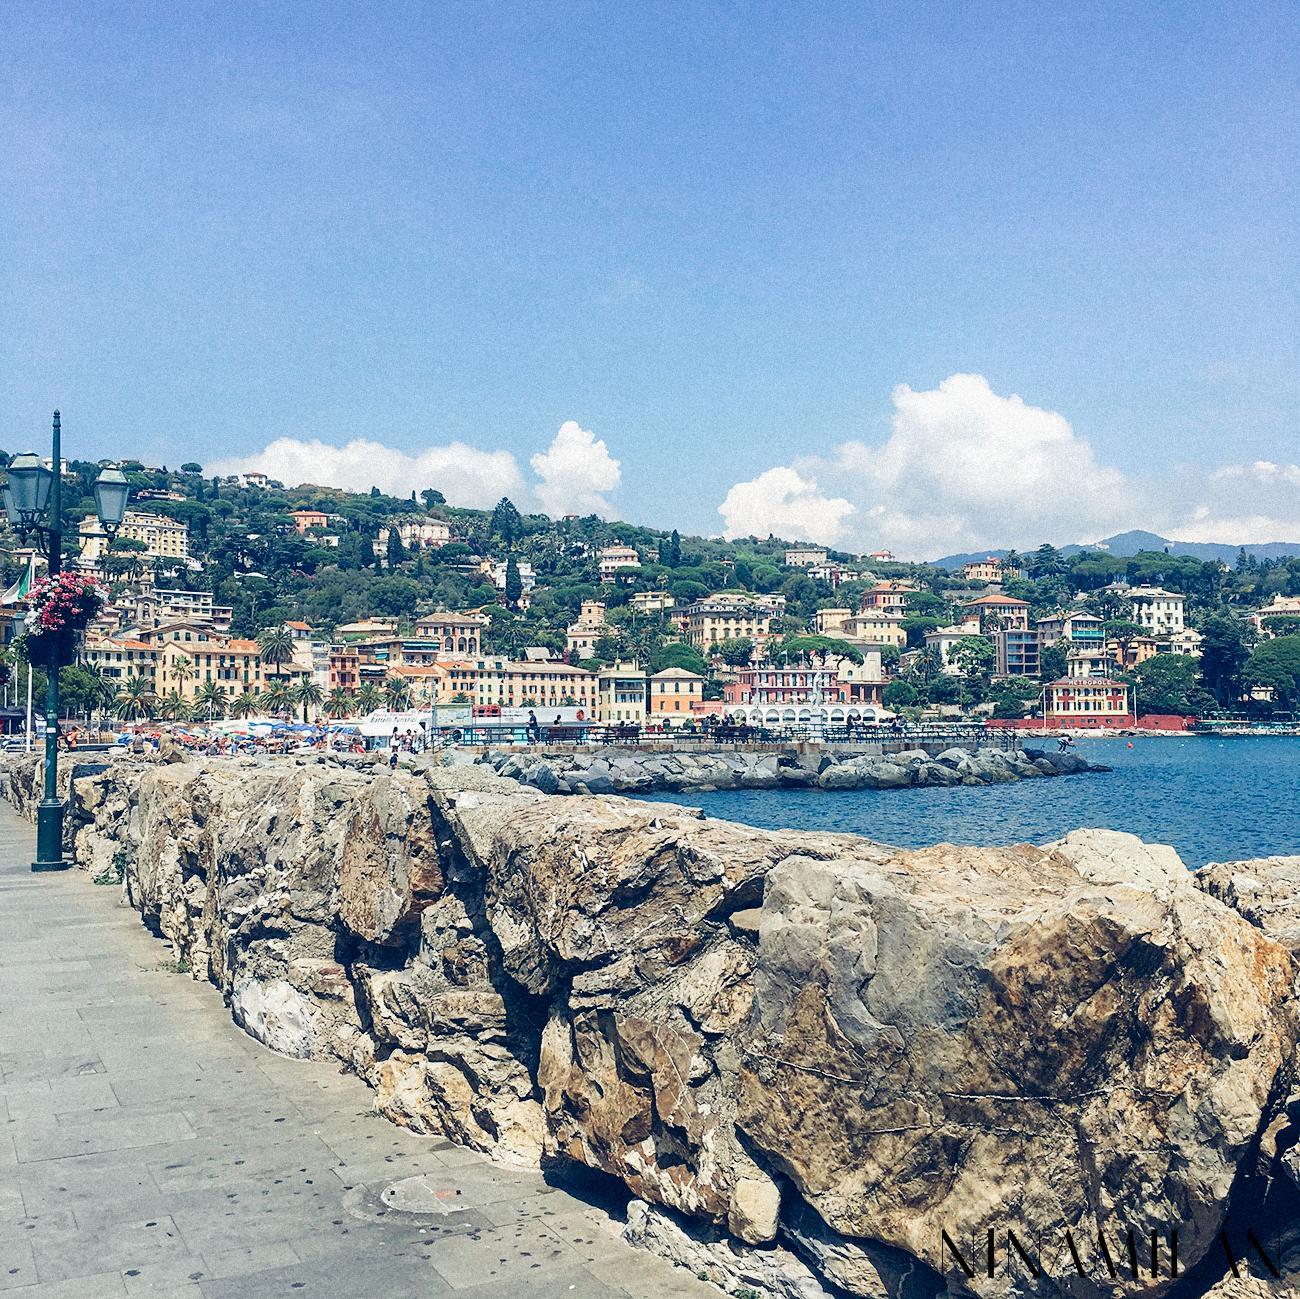 Santa Margherita Ligure NINAMILAN (1)